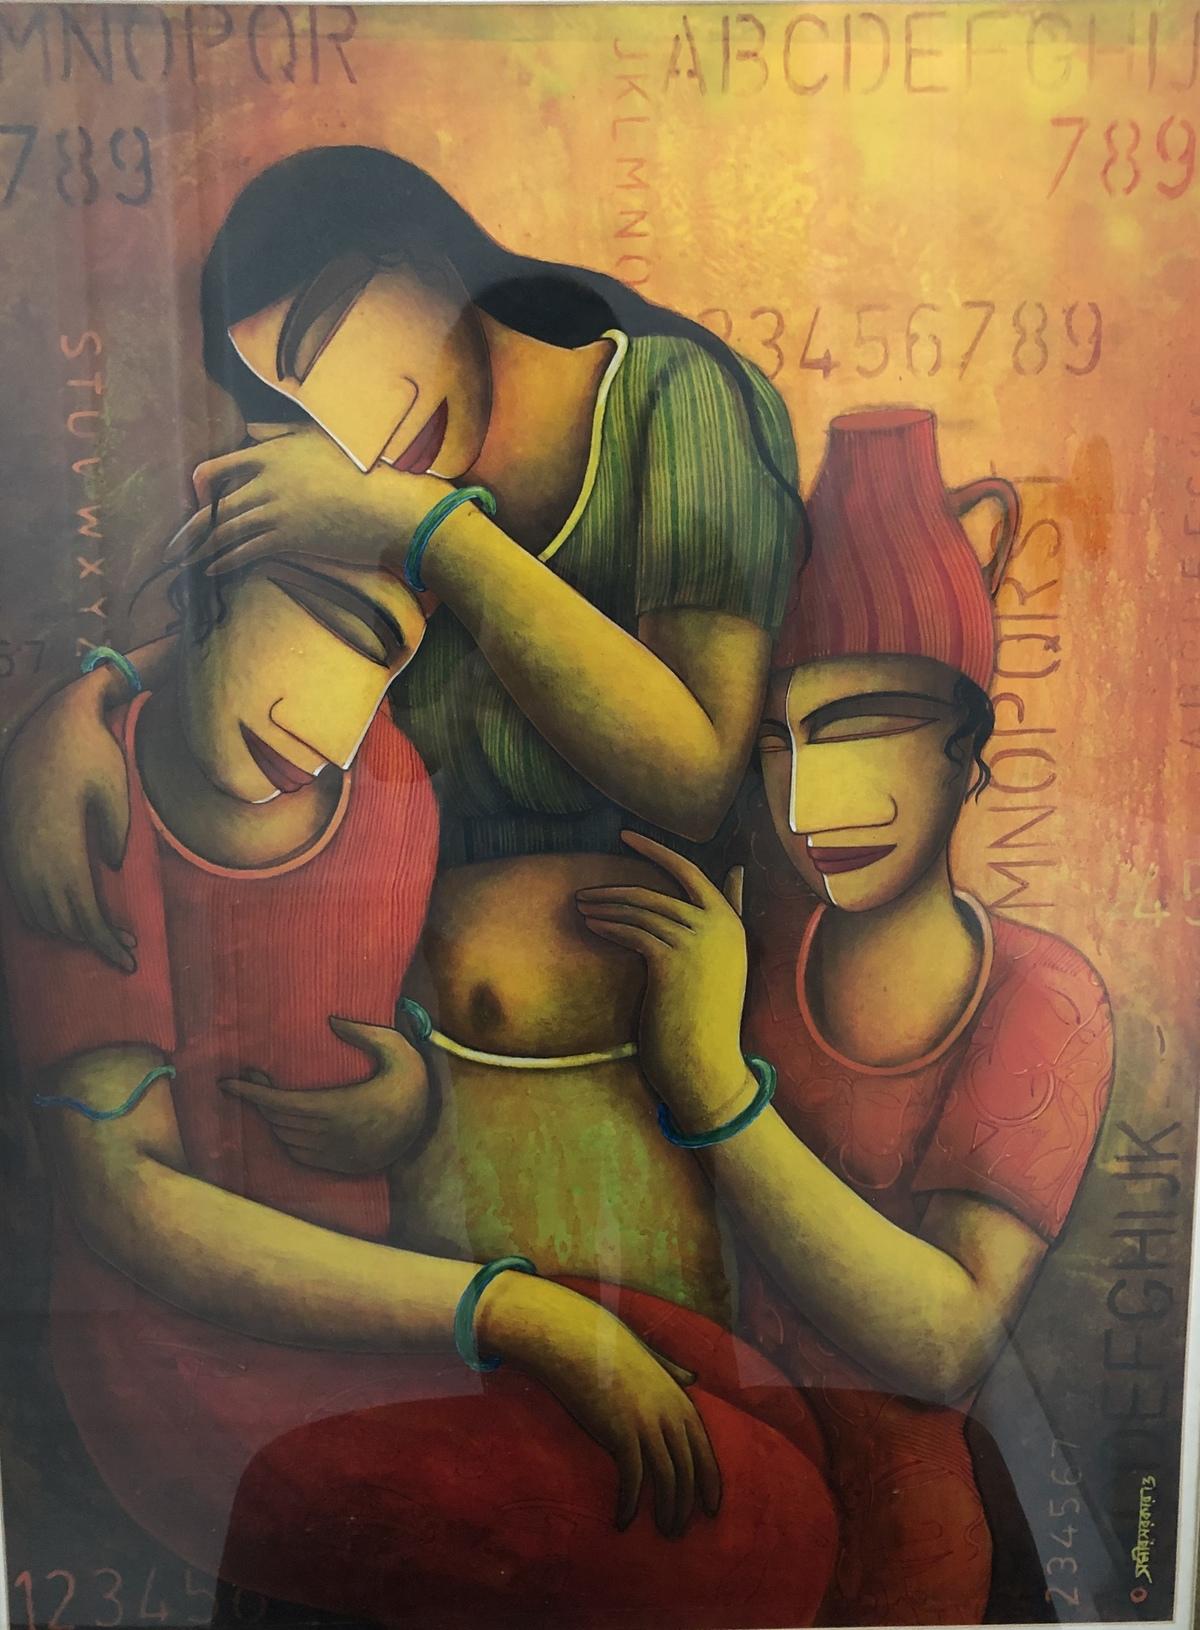 Pariber artwork   samir sarkar